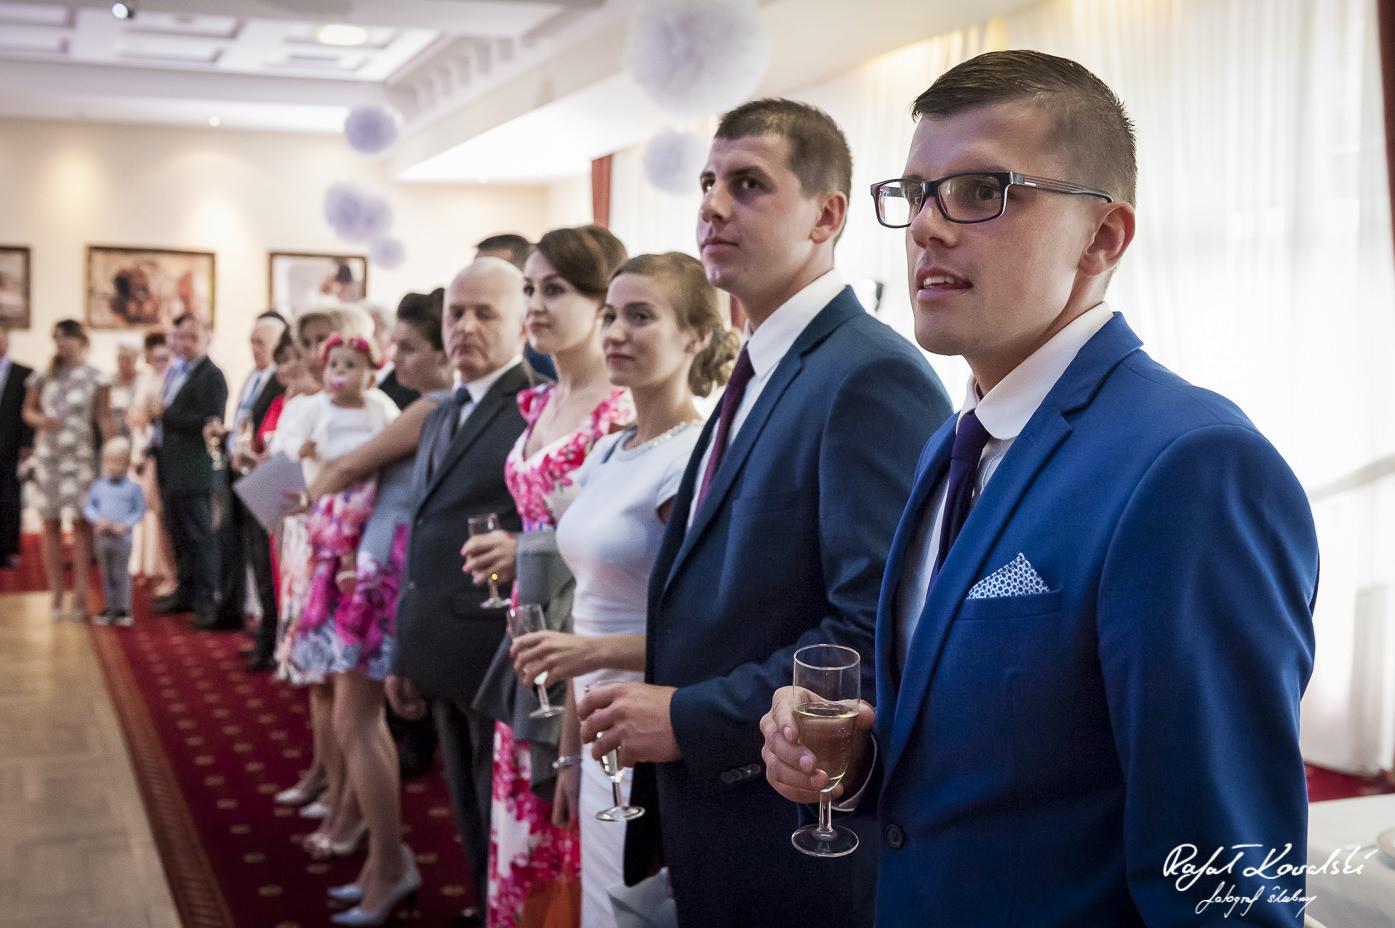 Fotograf Rumia do ślubu fotograf Ślubny Rafał Kowalski